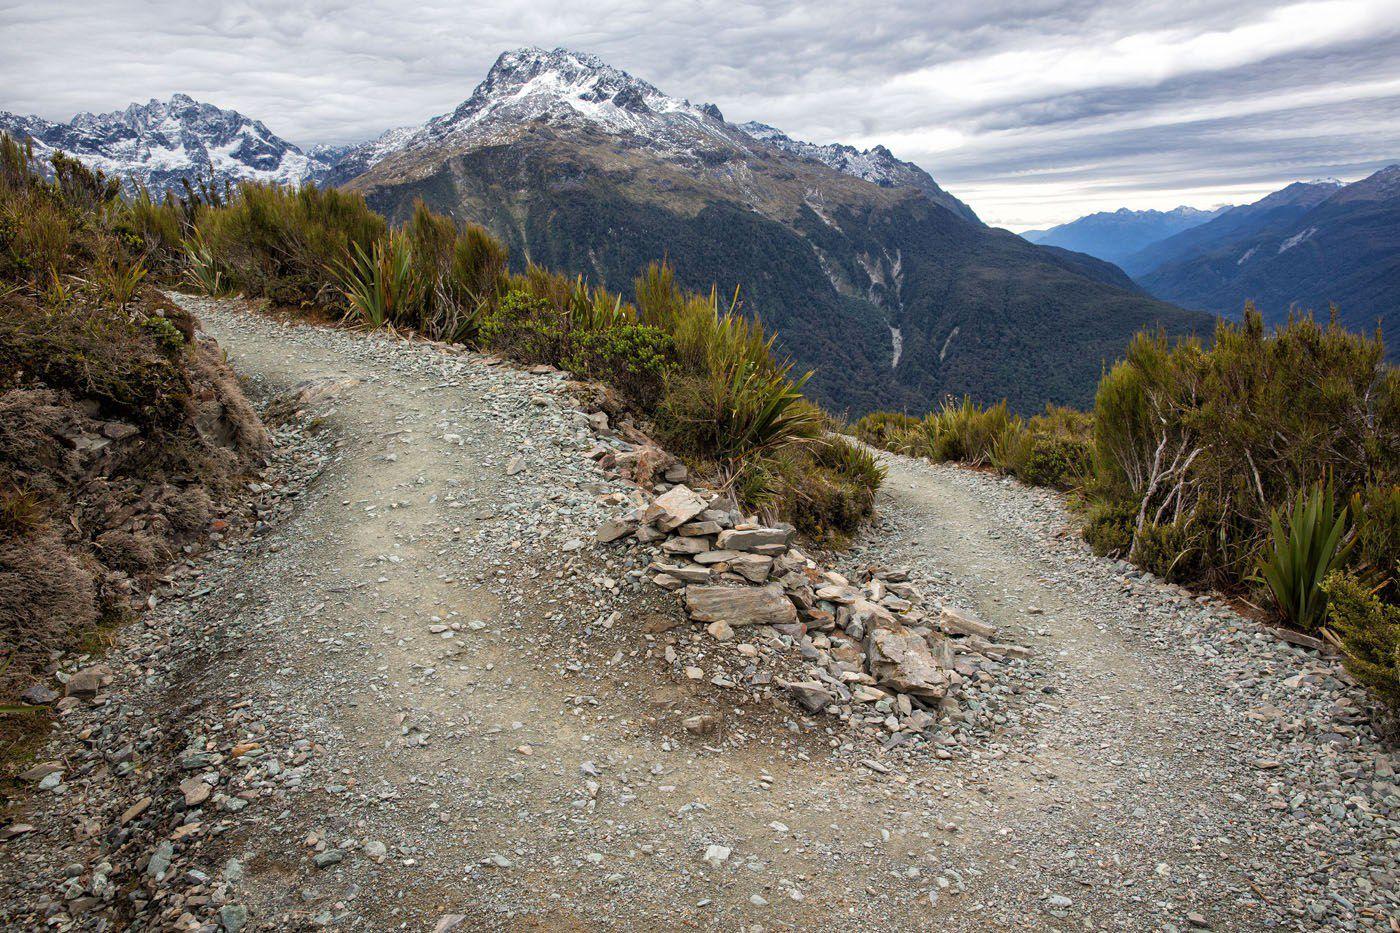 Key Summit Hike Trail